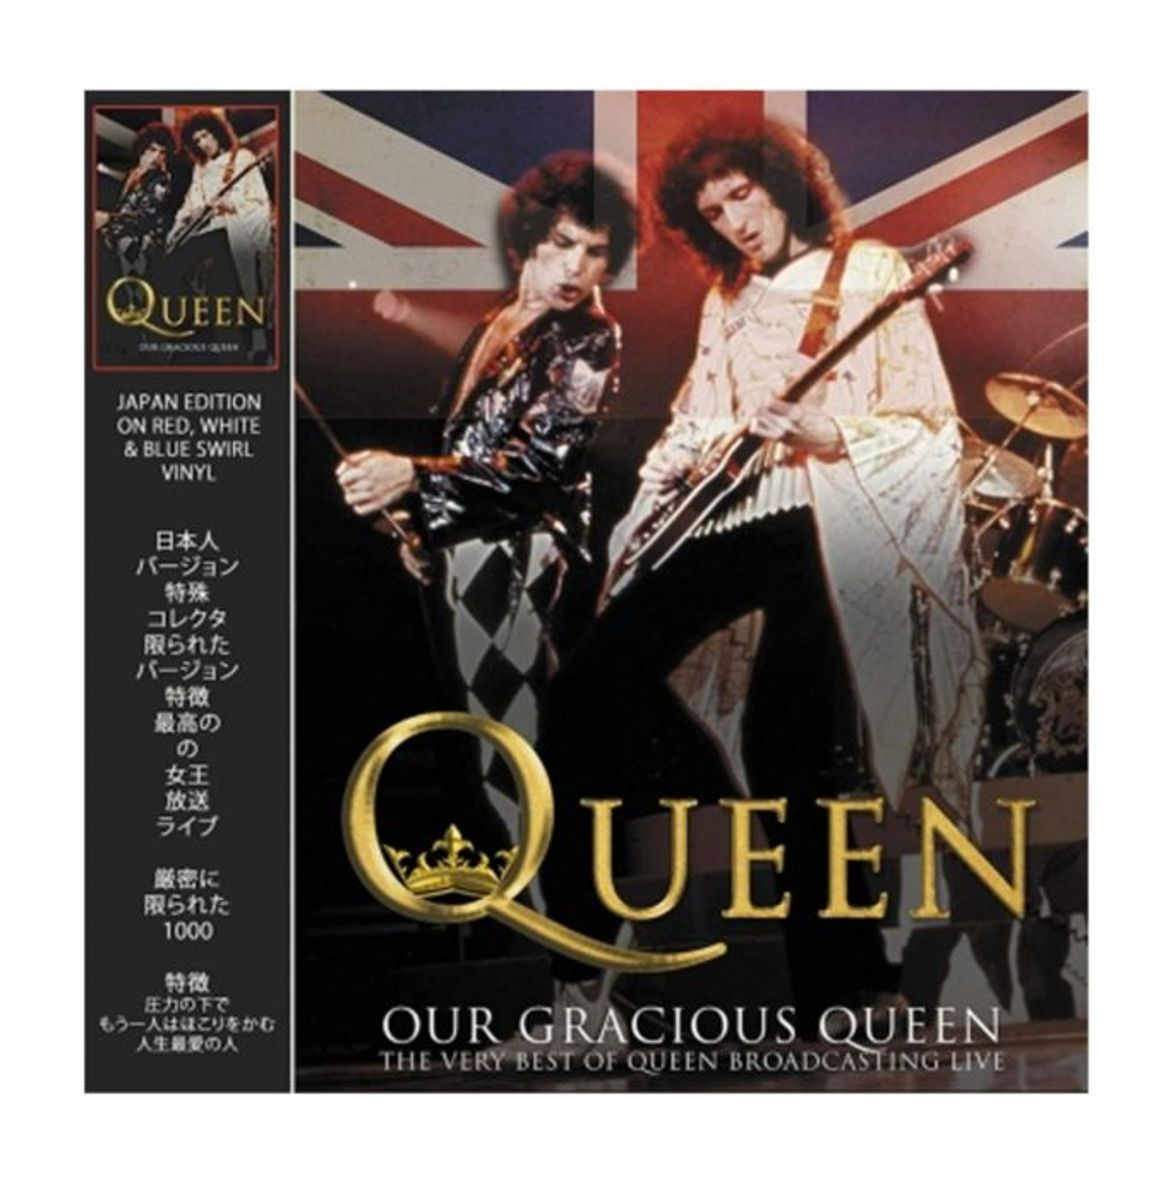 Our Gracious Queen - Vinyl